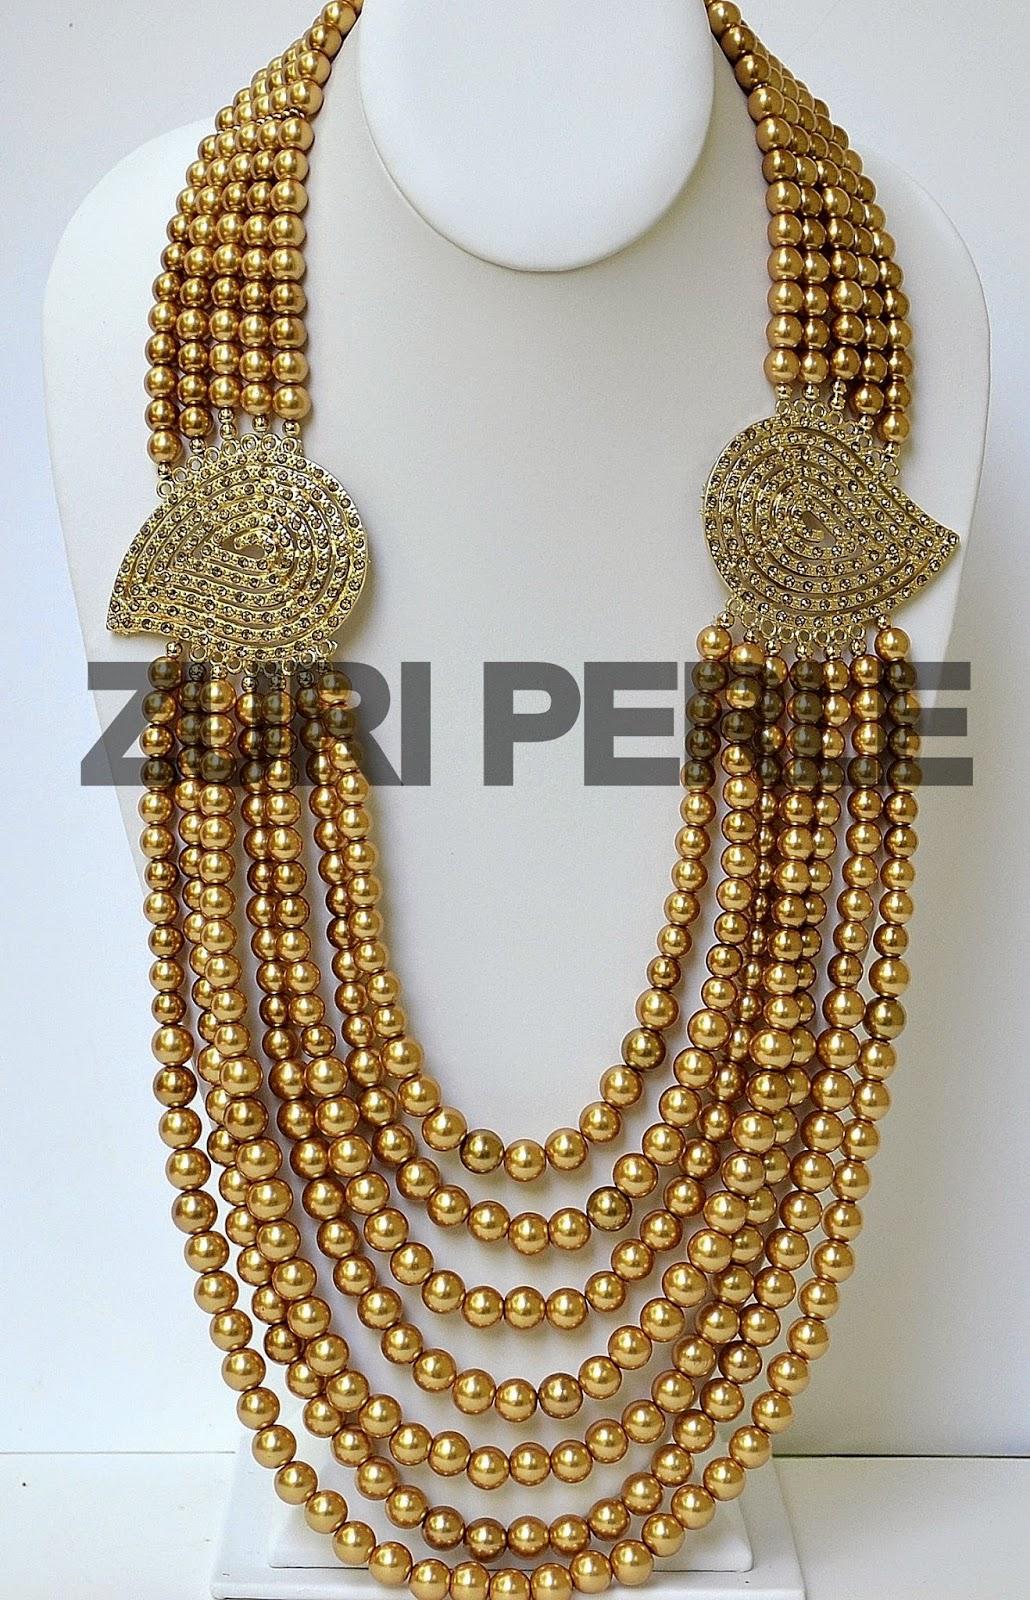 Gold pearls Zuri Perle necklace earrings bracelet